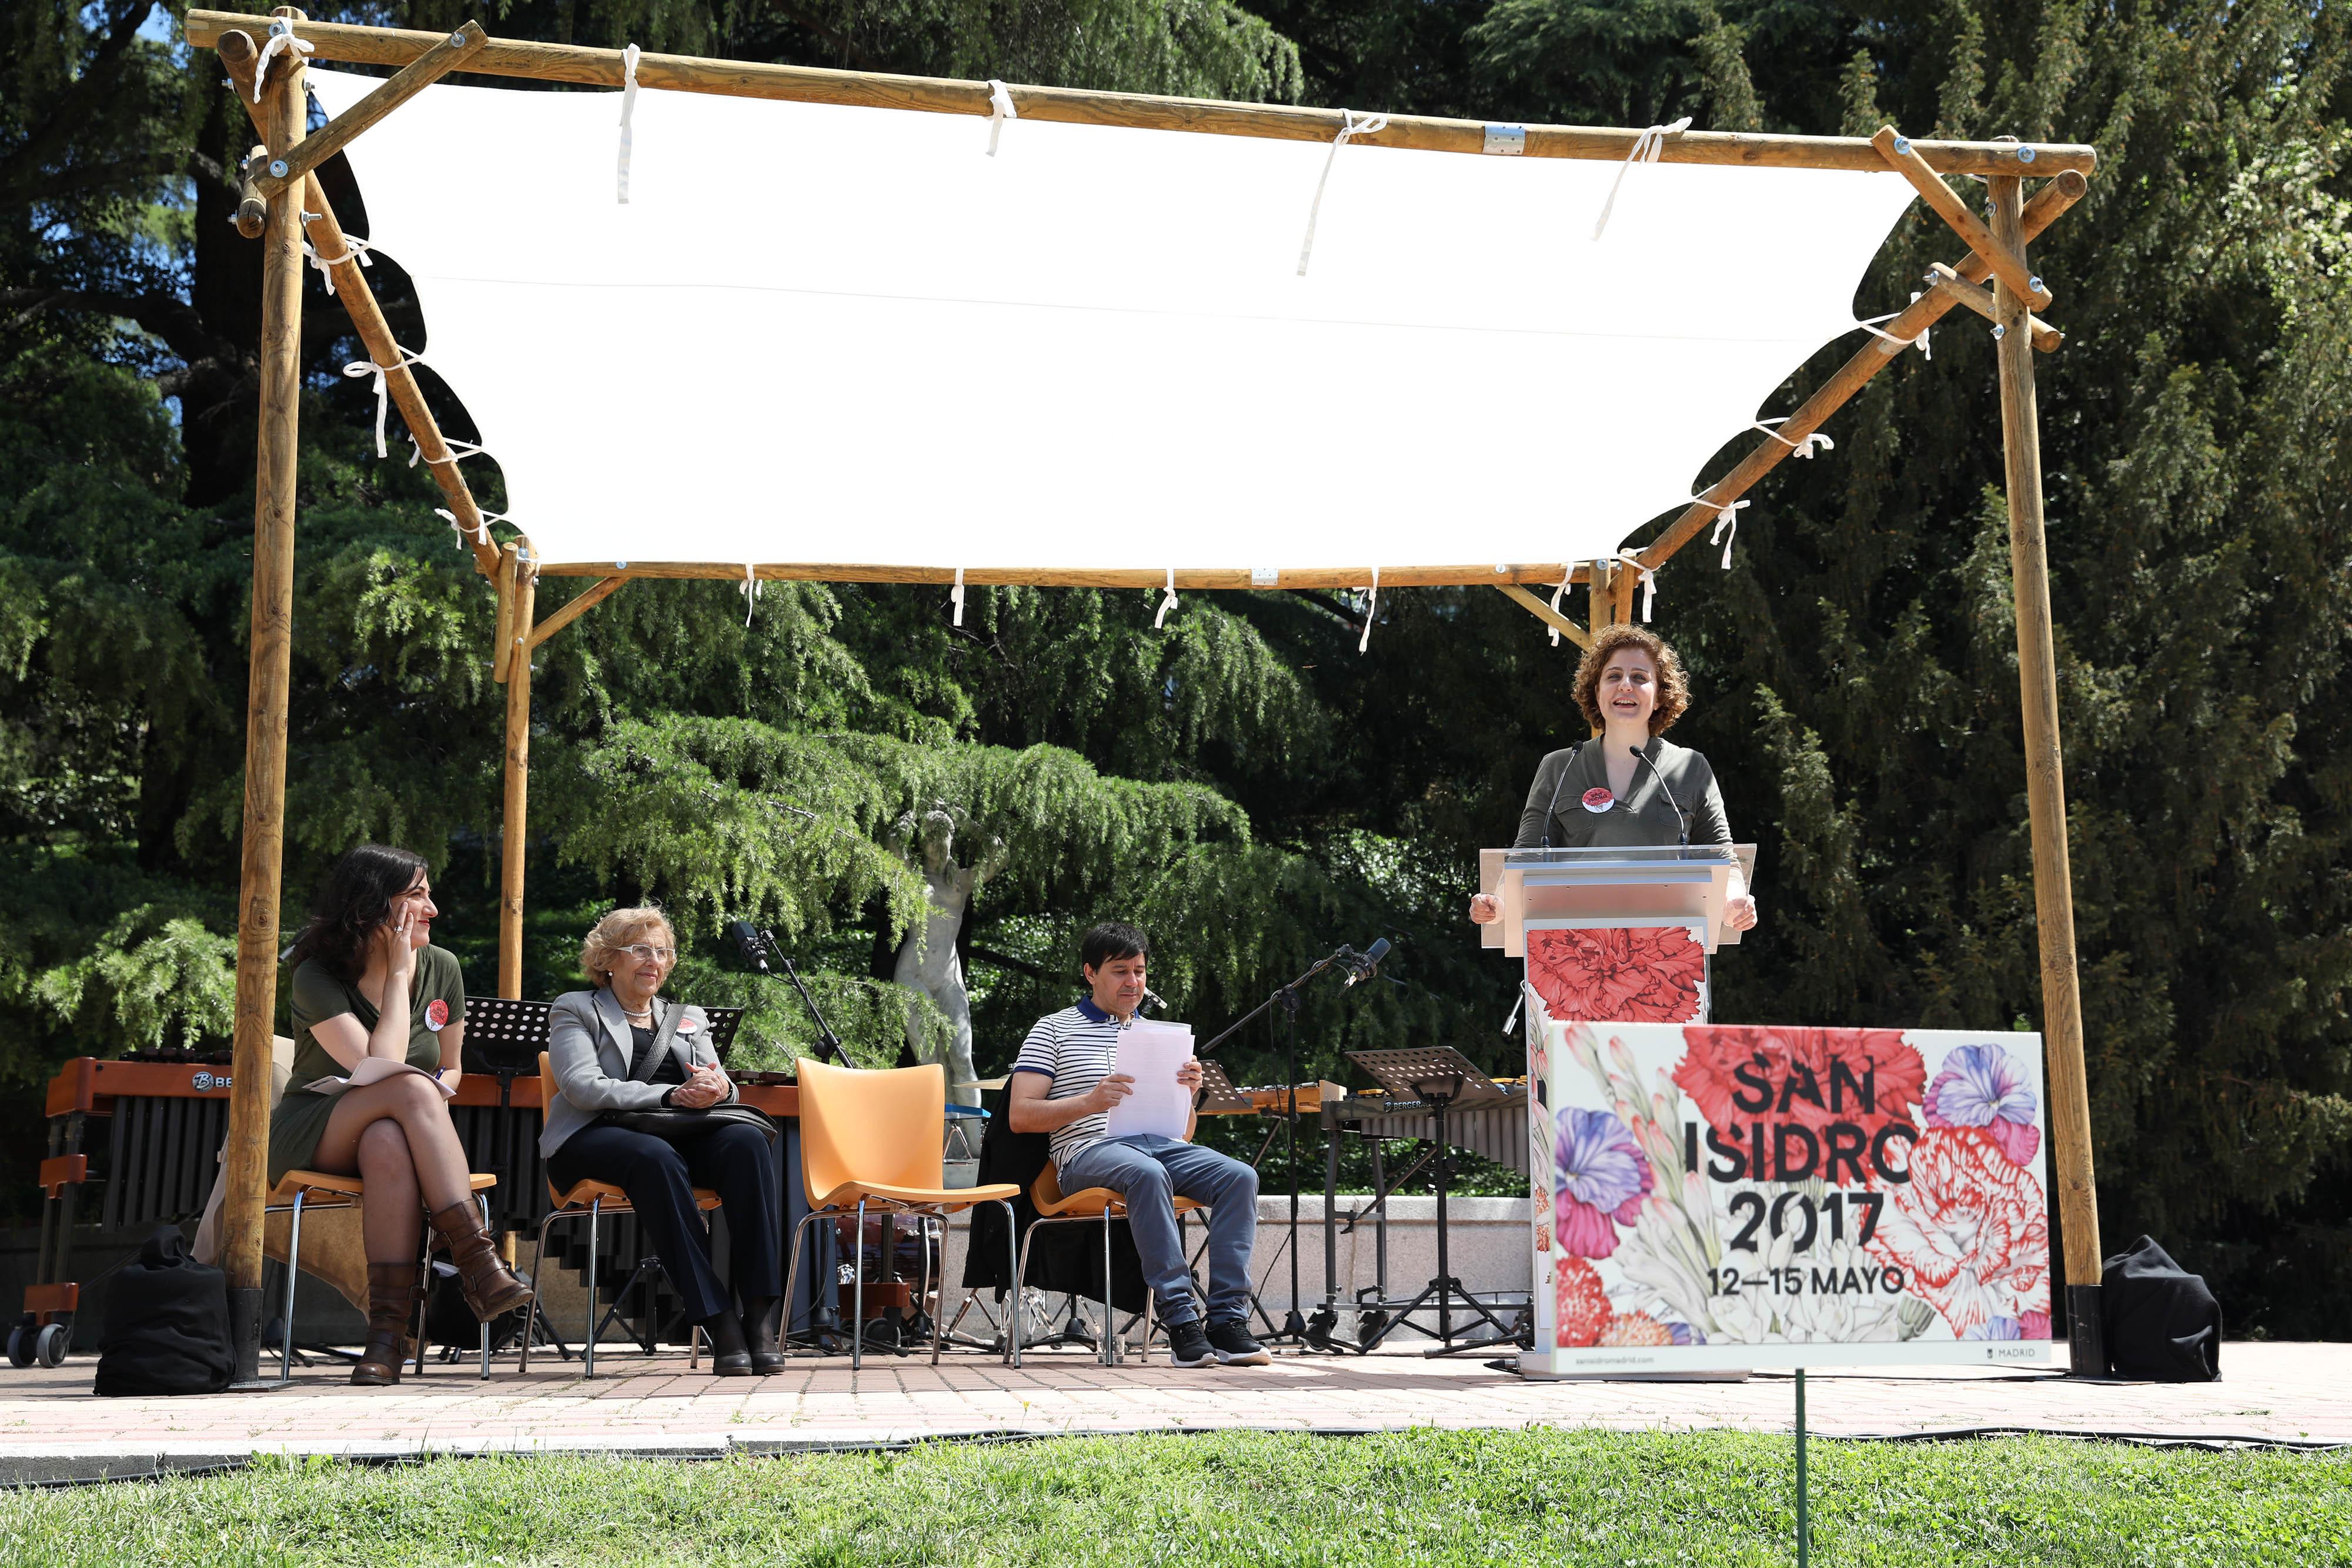 San isidro llena madrid de m sica con cerca de doscientas for Eventos madrid mayo 2017